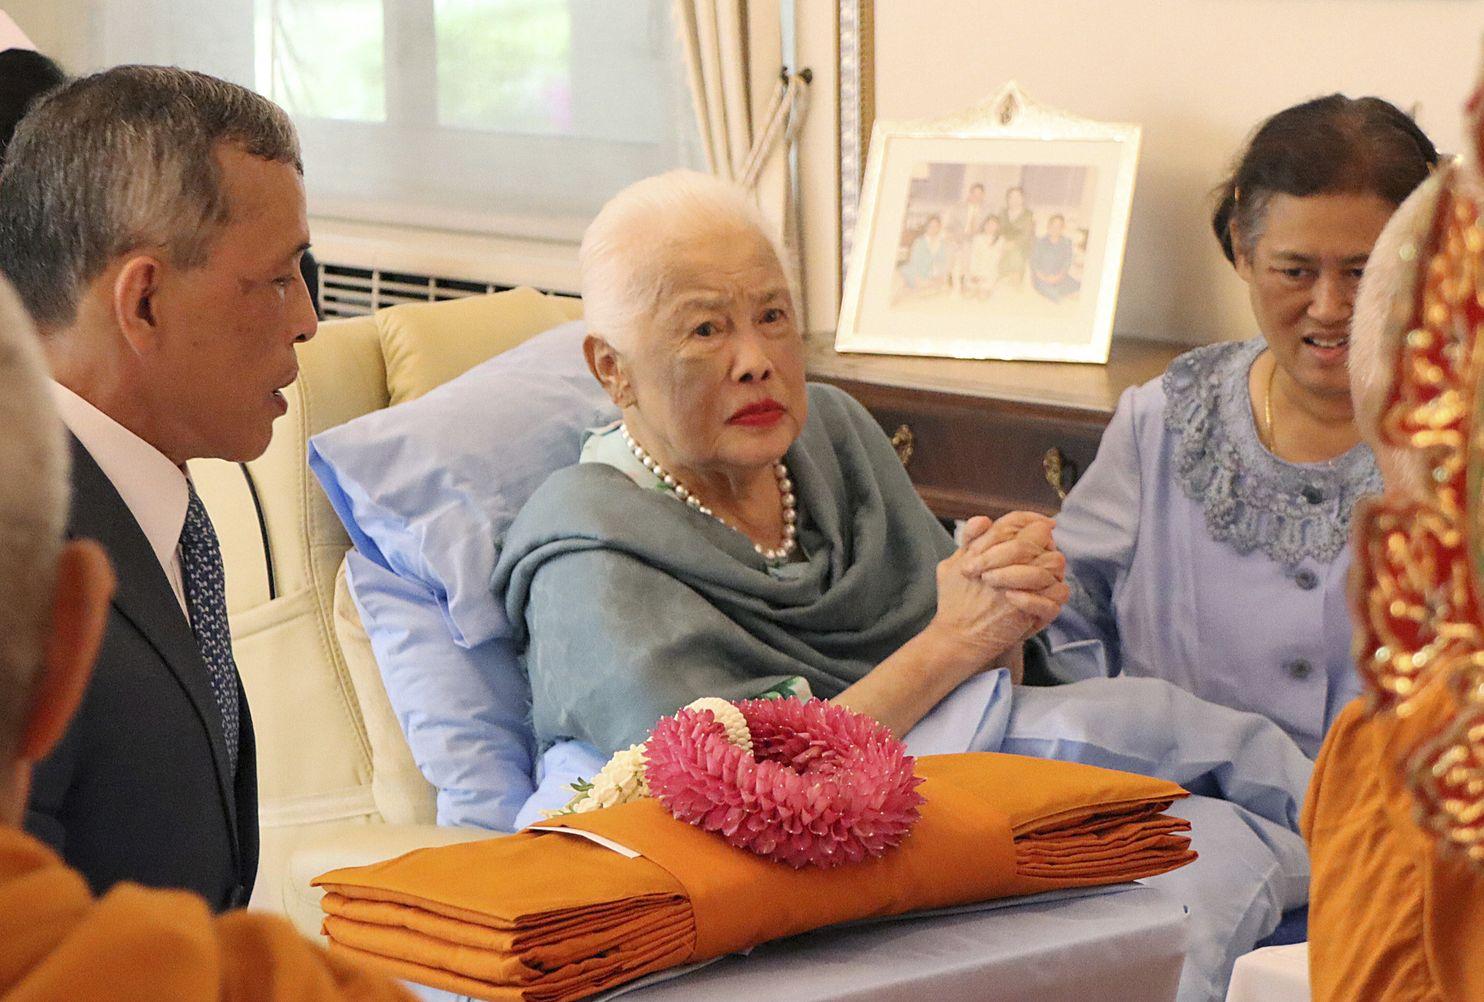 Königin Sirikit (m.) konnte das Krankenhaus wieder verlassen.  ©The Royal Household Bureau